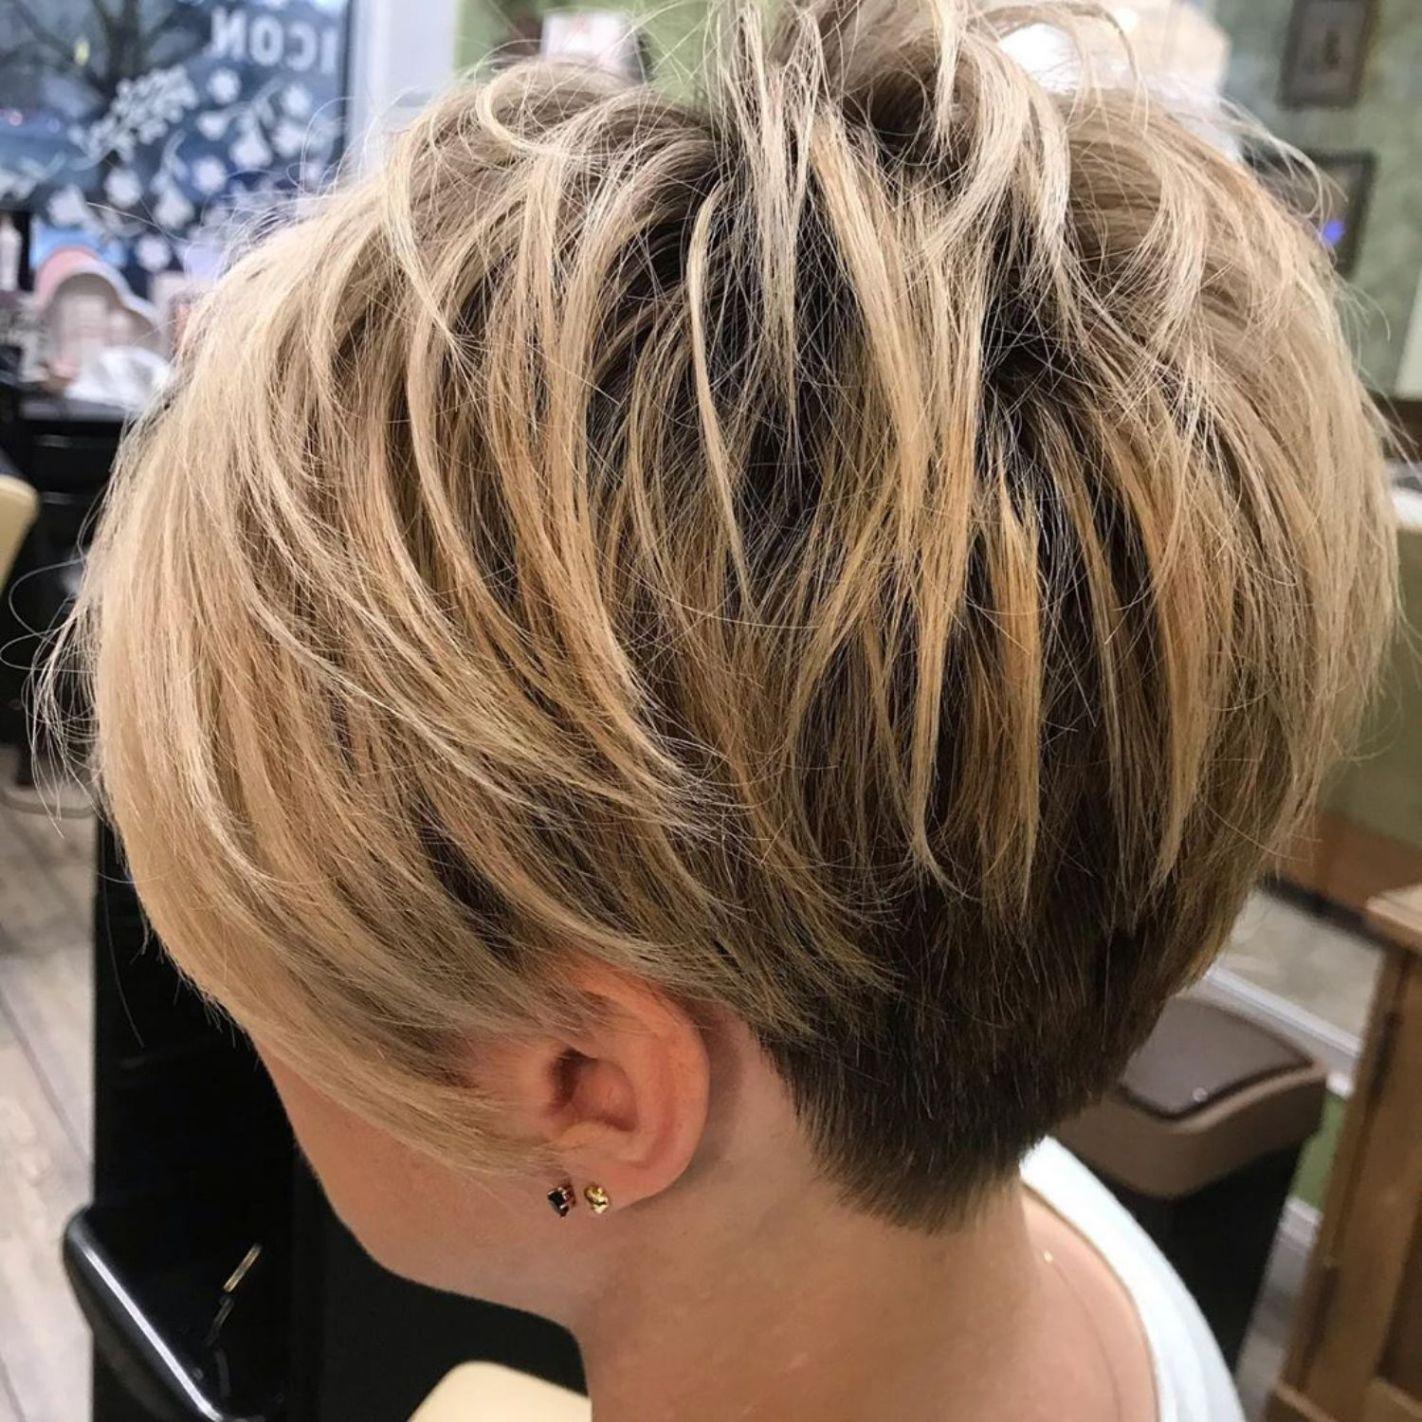 Pin By Sonia Pozzi On Hair In 2020 Thin Hair Haircuts Short Hair Styles Fine Hair